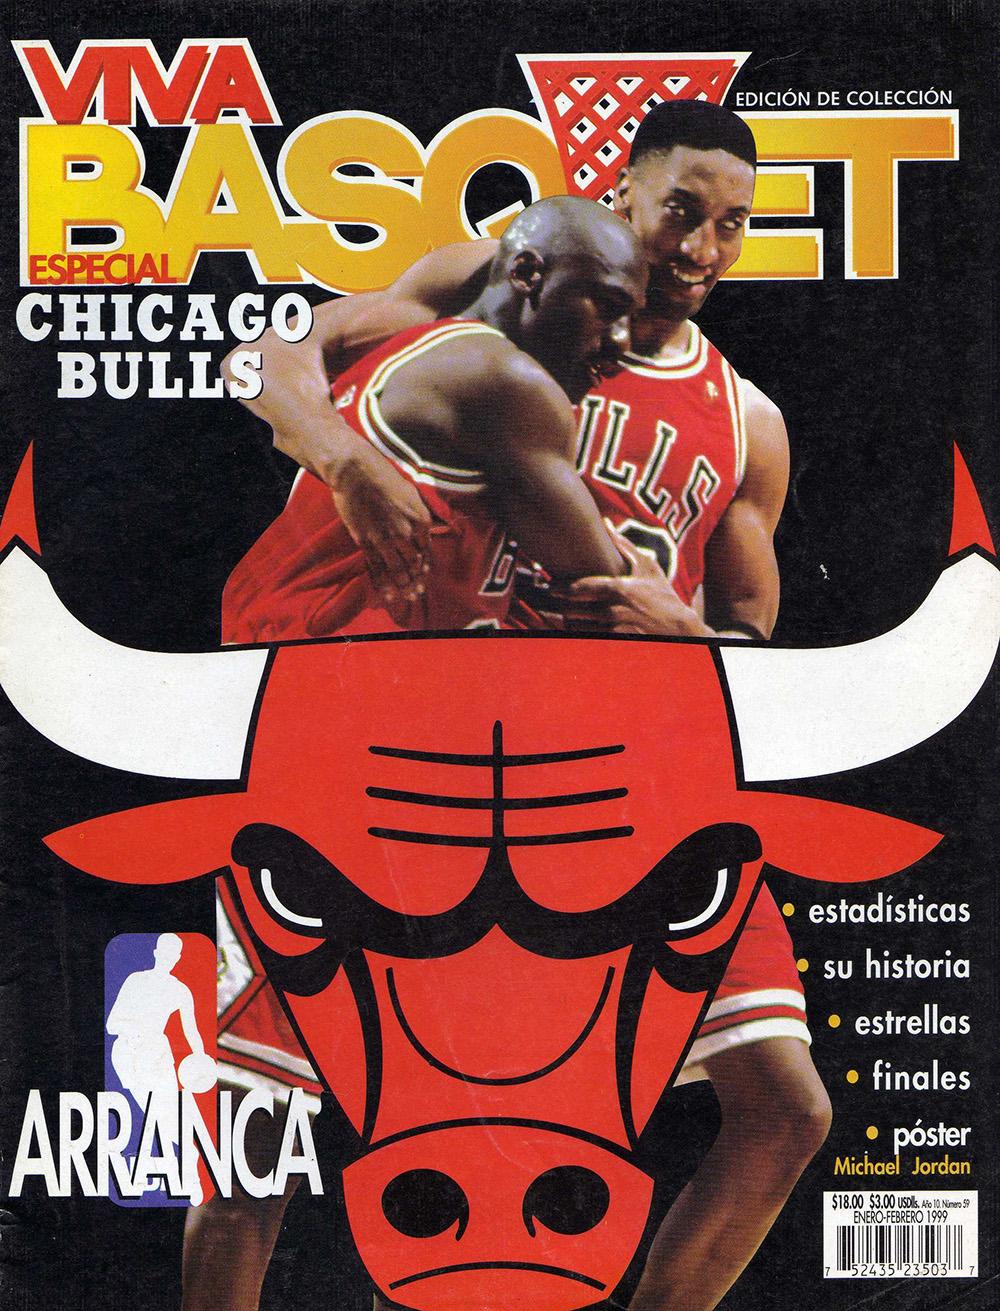 portada revista viva basquet edicion 59